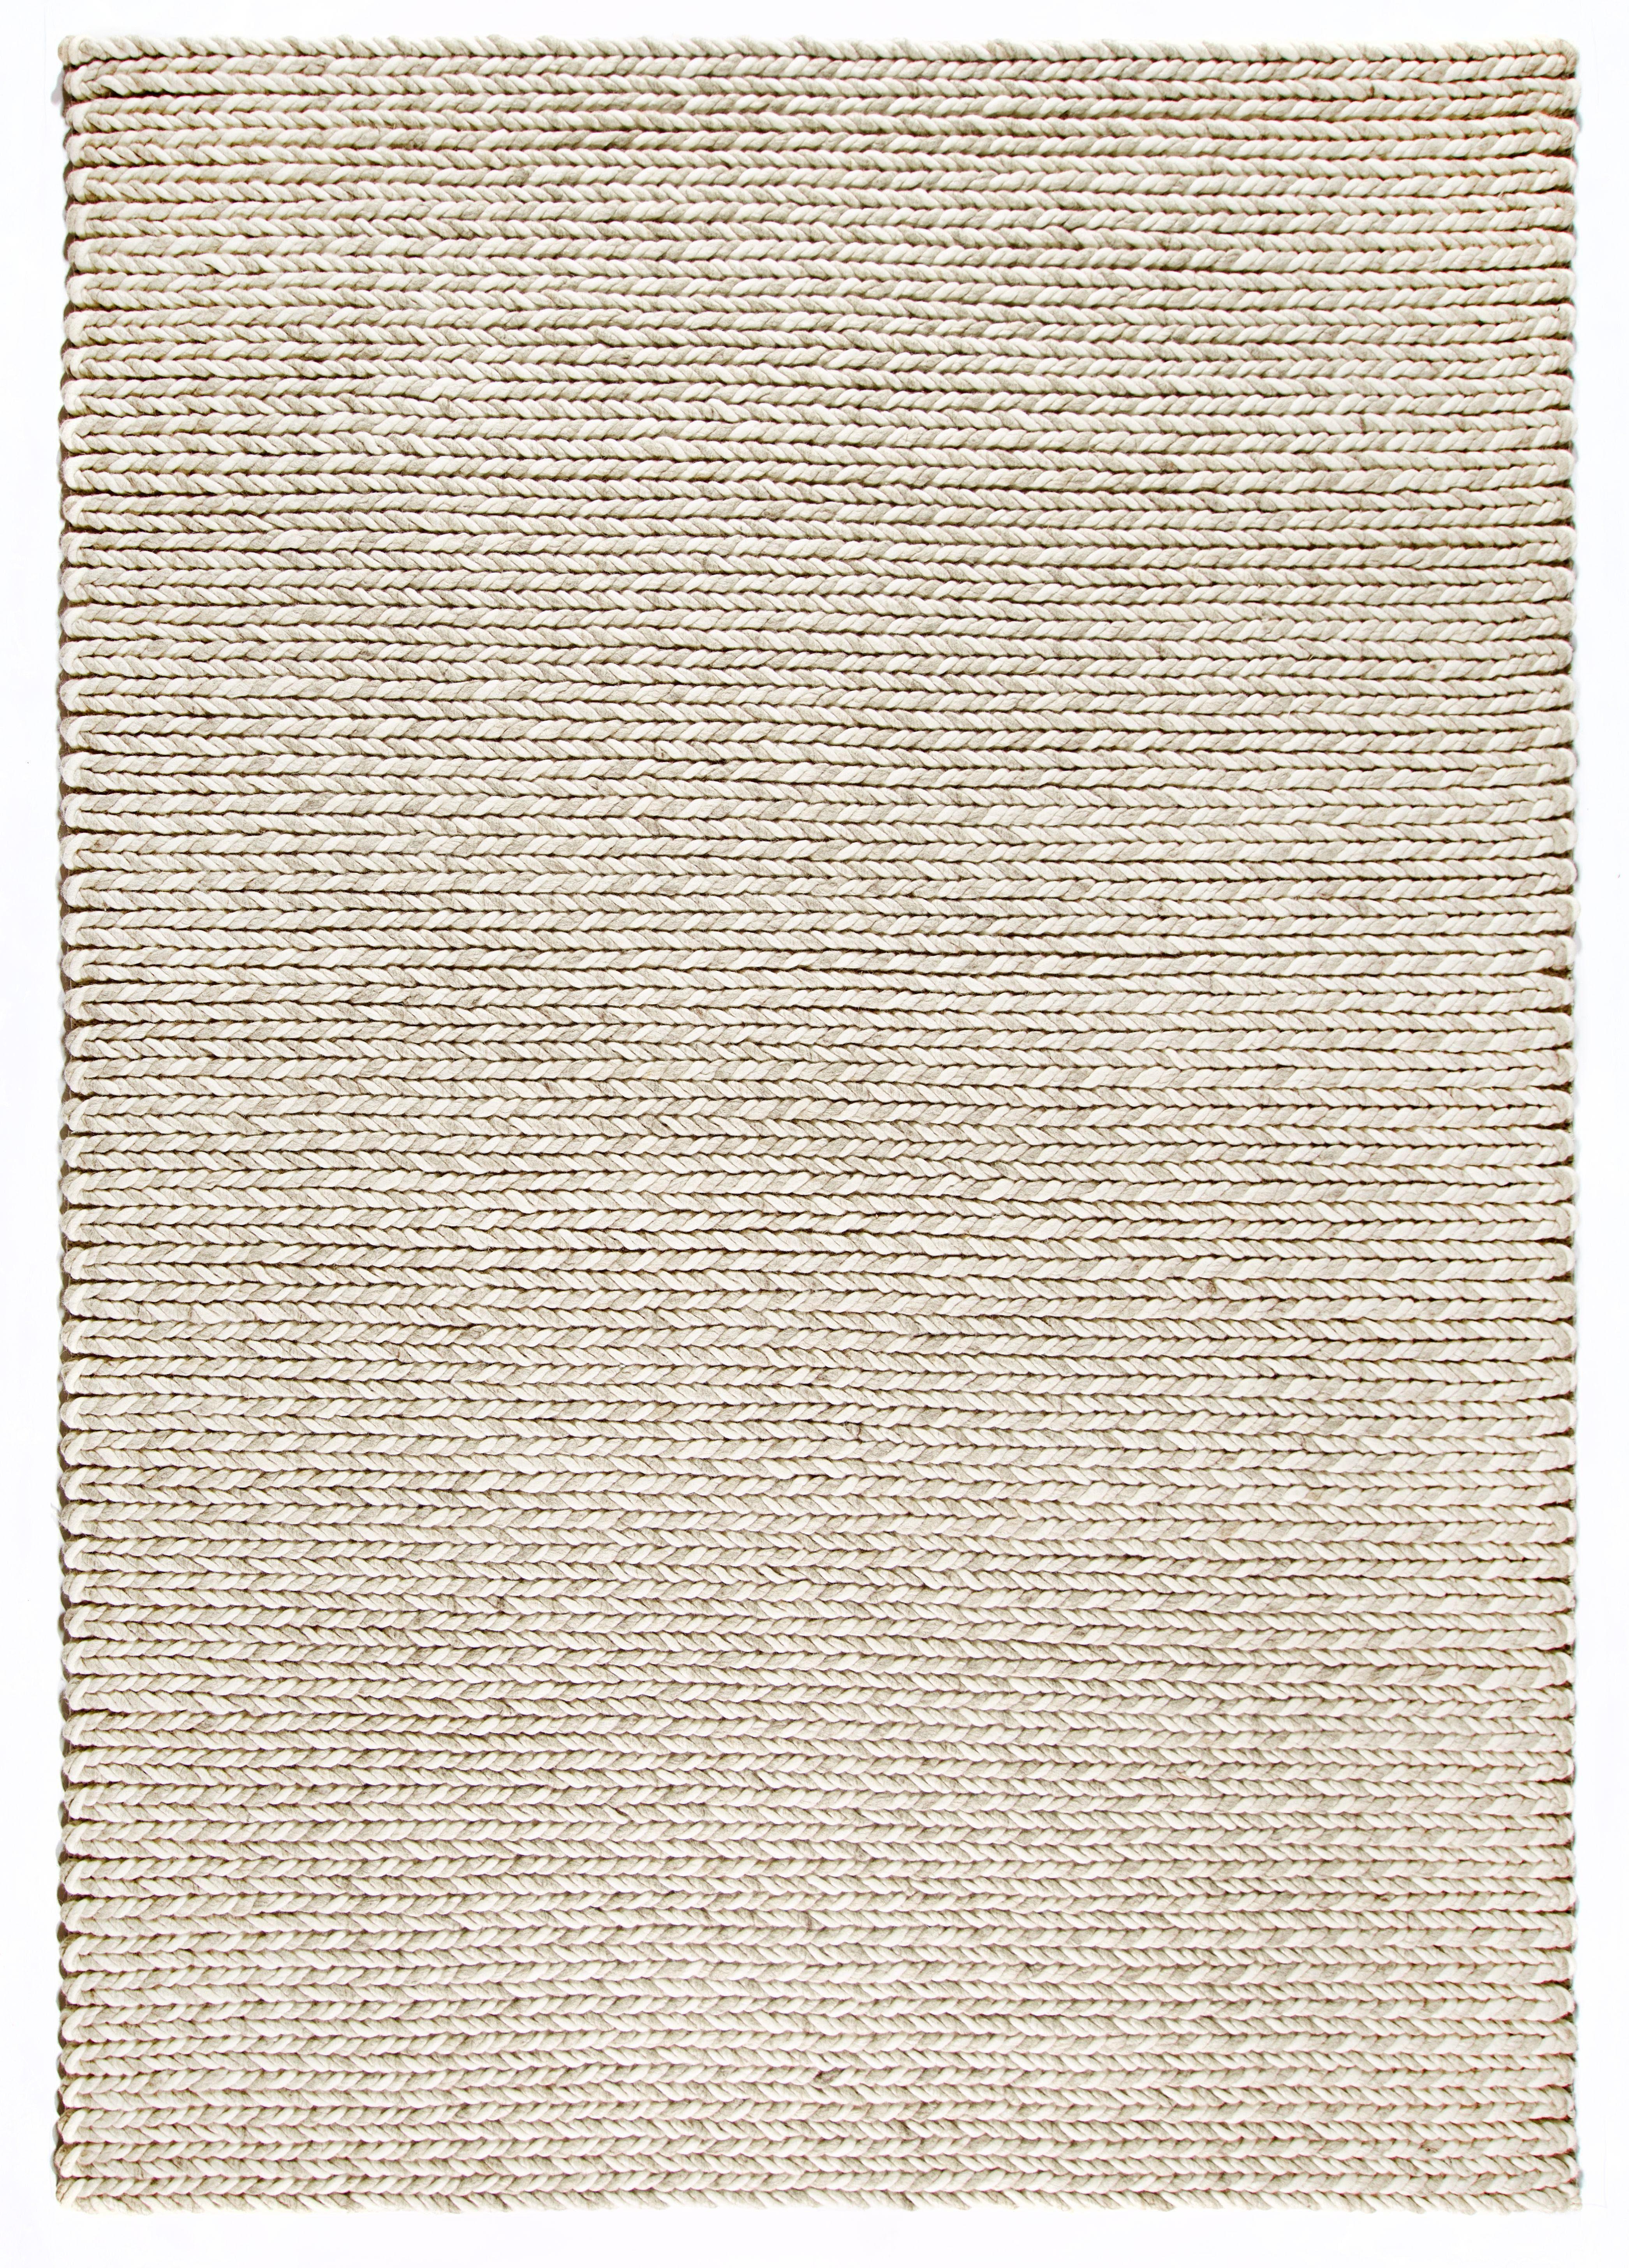 Dekowe Hochflor-Teppich Enja, rechteckig, 25 mm Höhe, Strickoptik, Wohnzimmer beige Esszimmerteppiche Teppiche nach Räumen